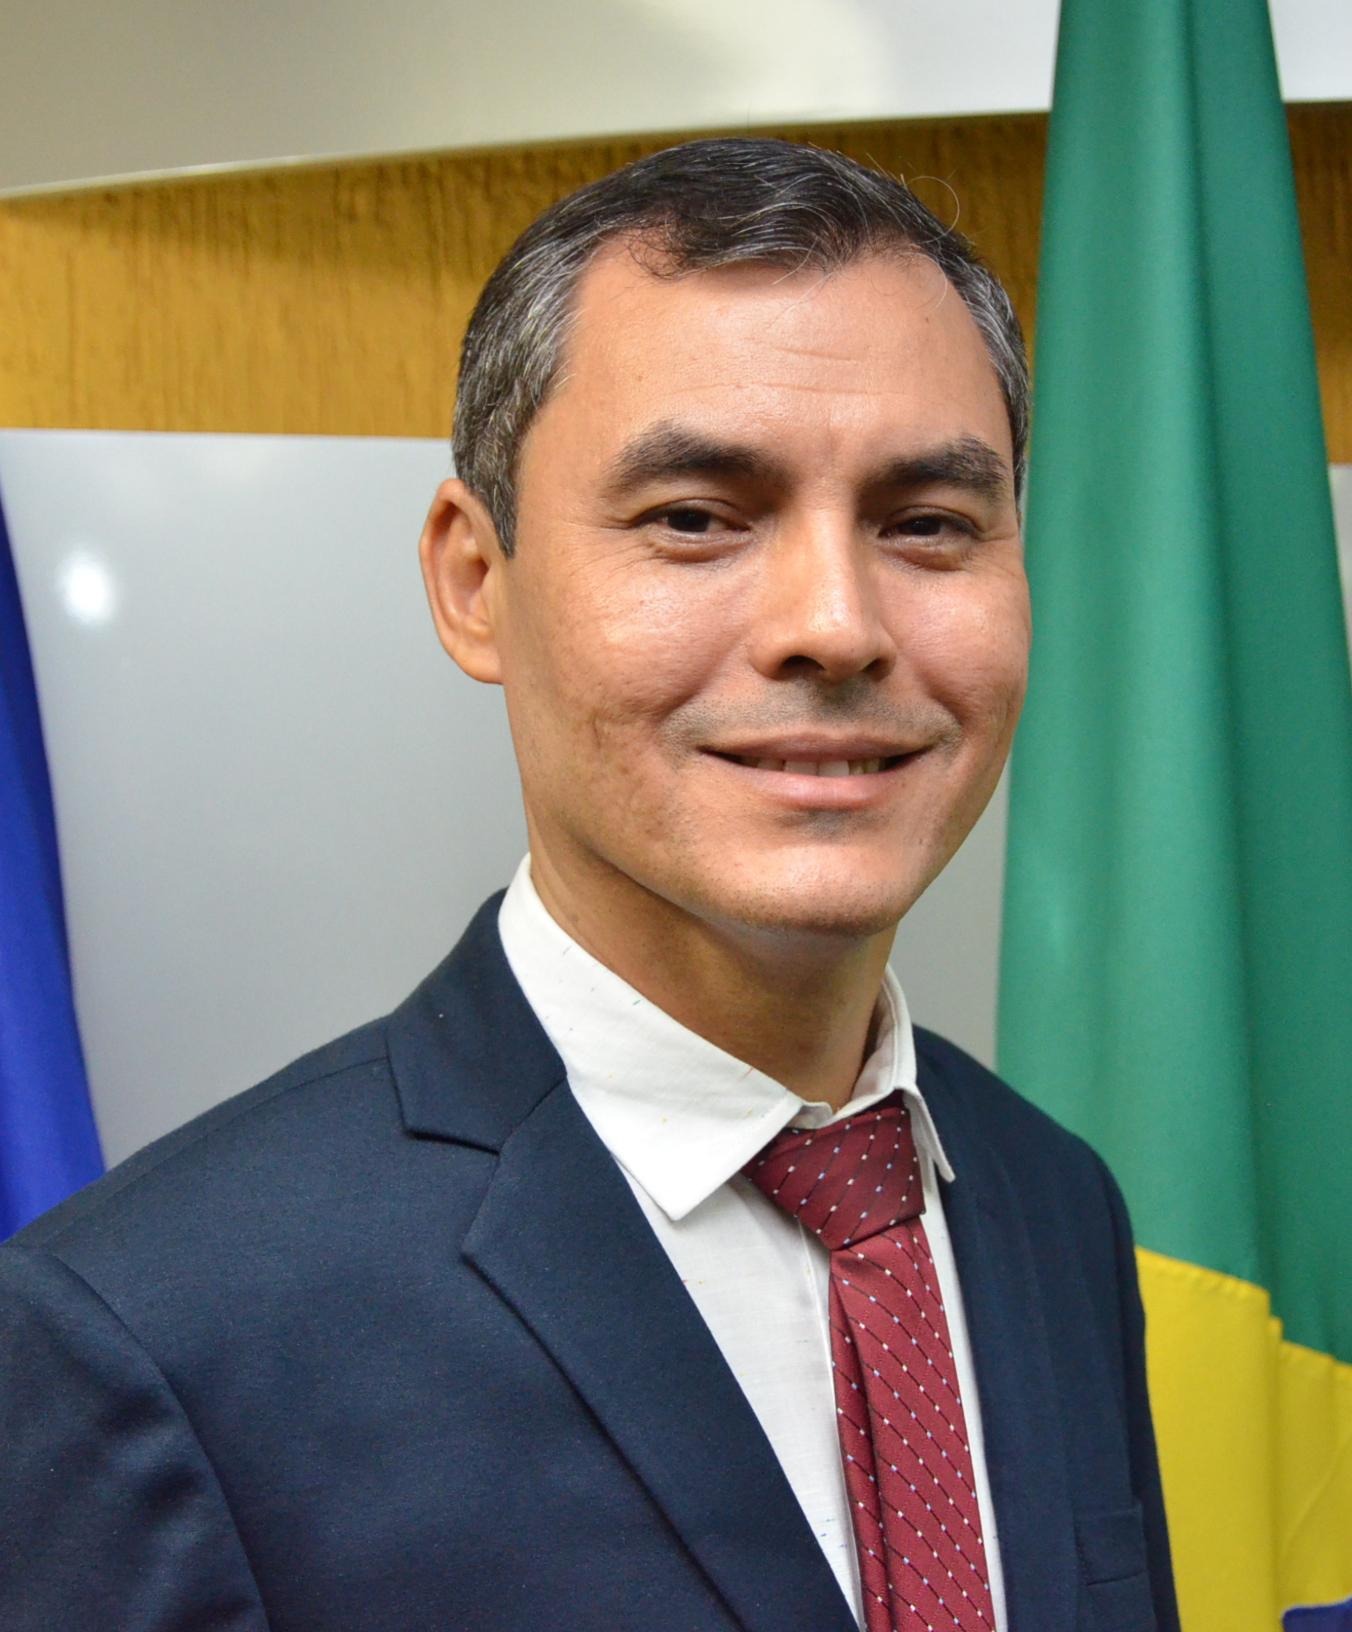 Vereador Erivelton da Silva Santos